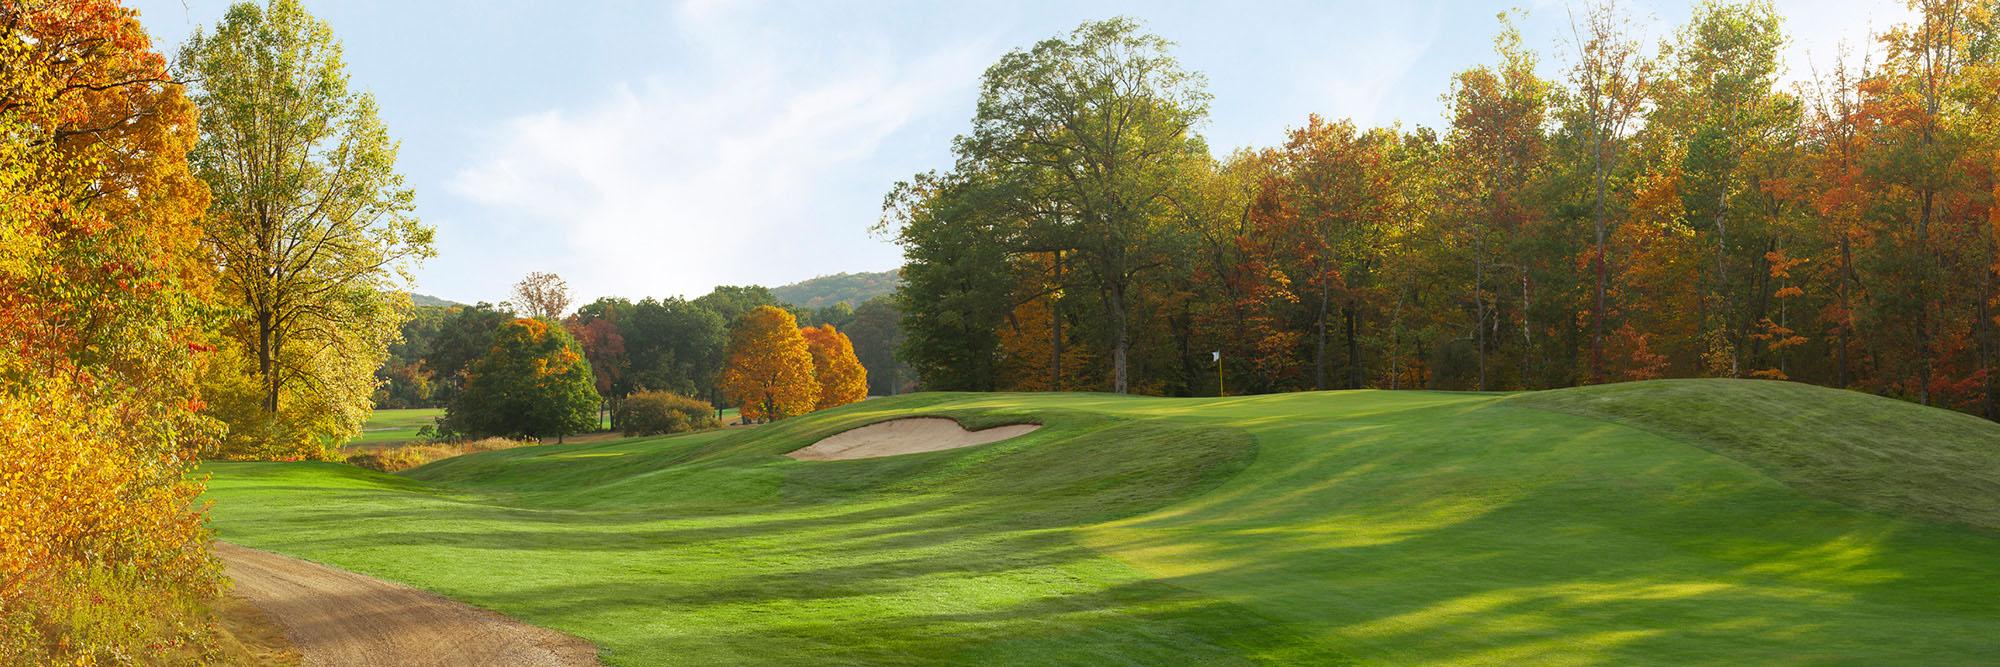 Golf Course Image - The Tuxedo Club No. 1